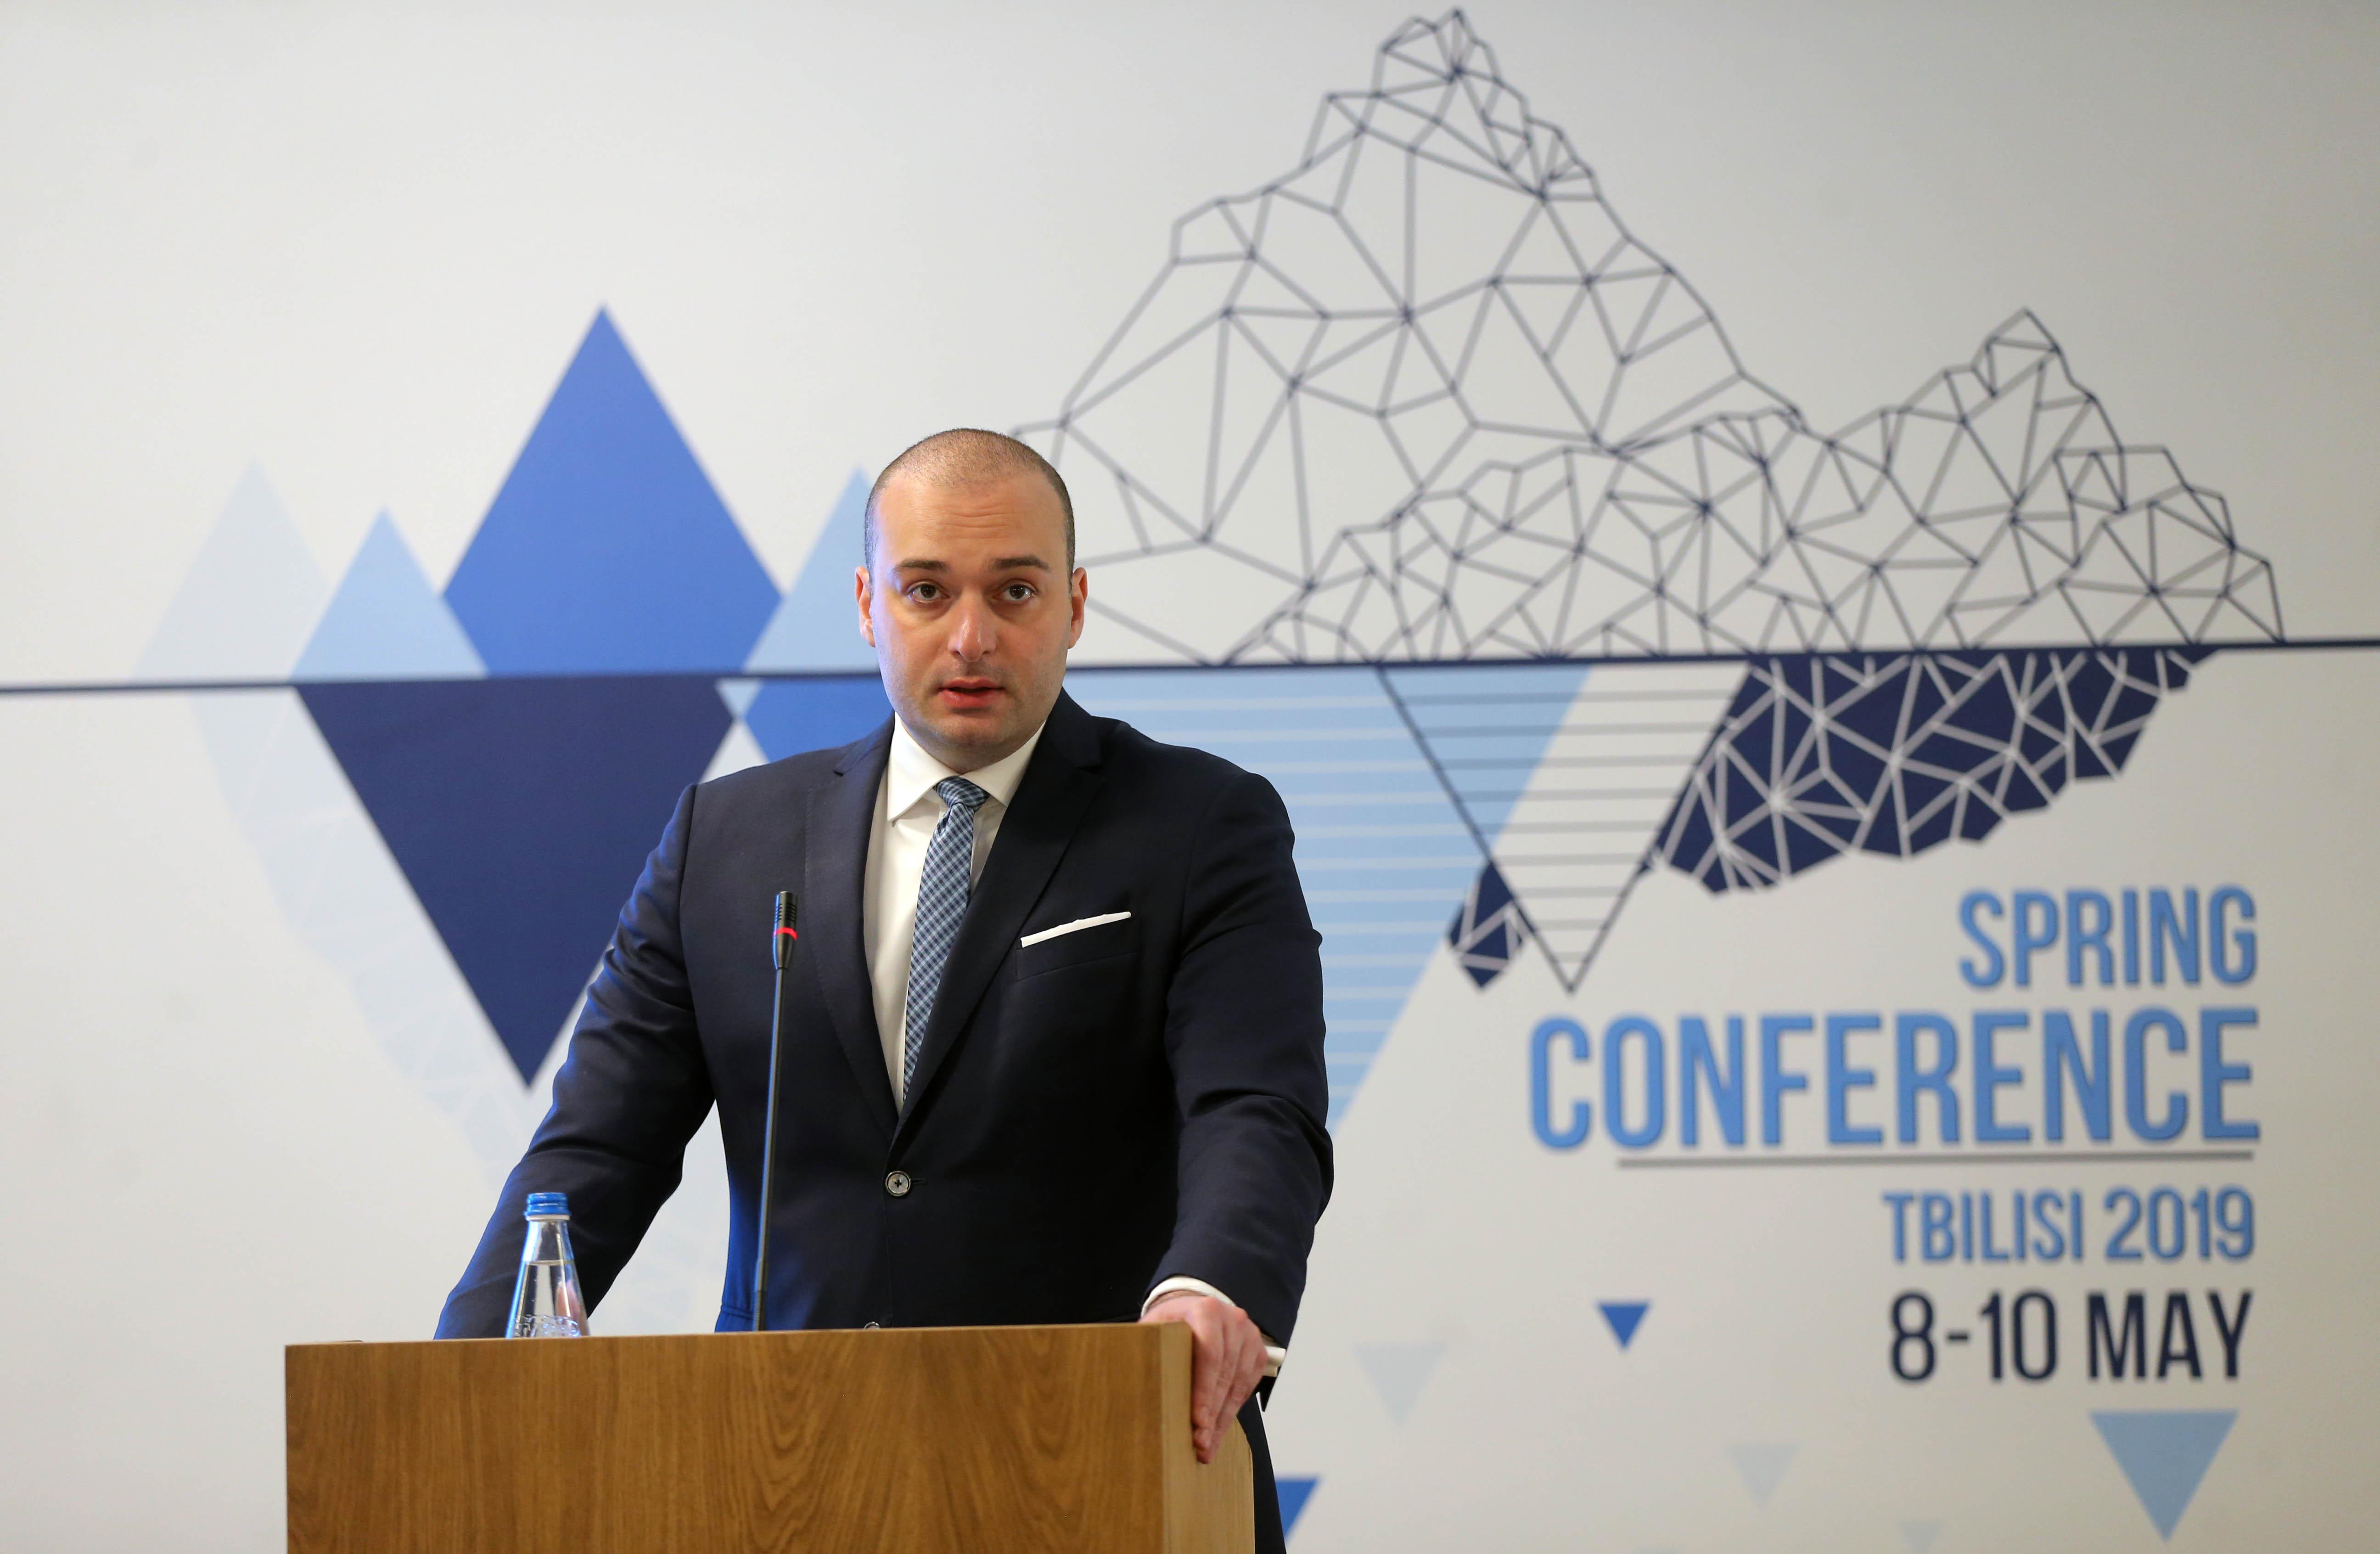 პრემიერი: ვაგრძელებთ რეფორმებს, რათა საქართველო ევროკავშირის ნორმებსა და სტანდარტებს გავუთანაბროთ, მათ შორის პერსონალური მონაცემების დაცვის სფეროში